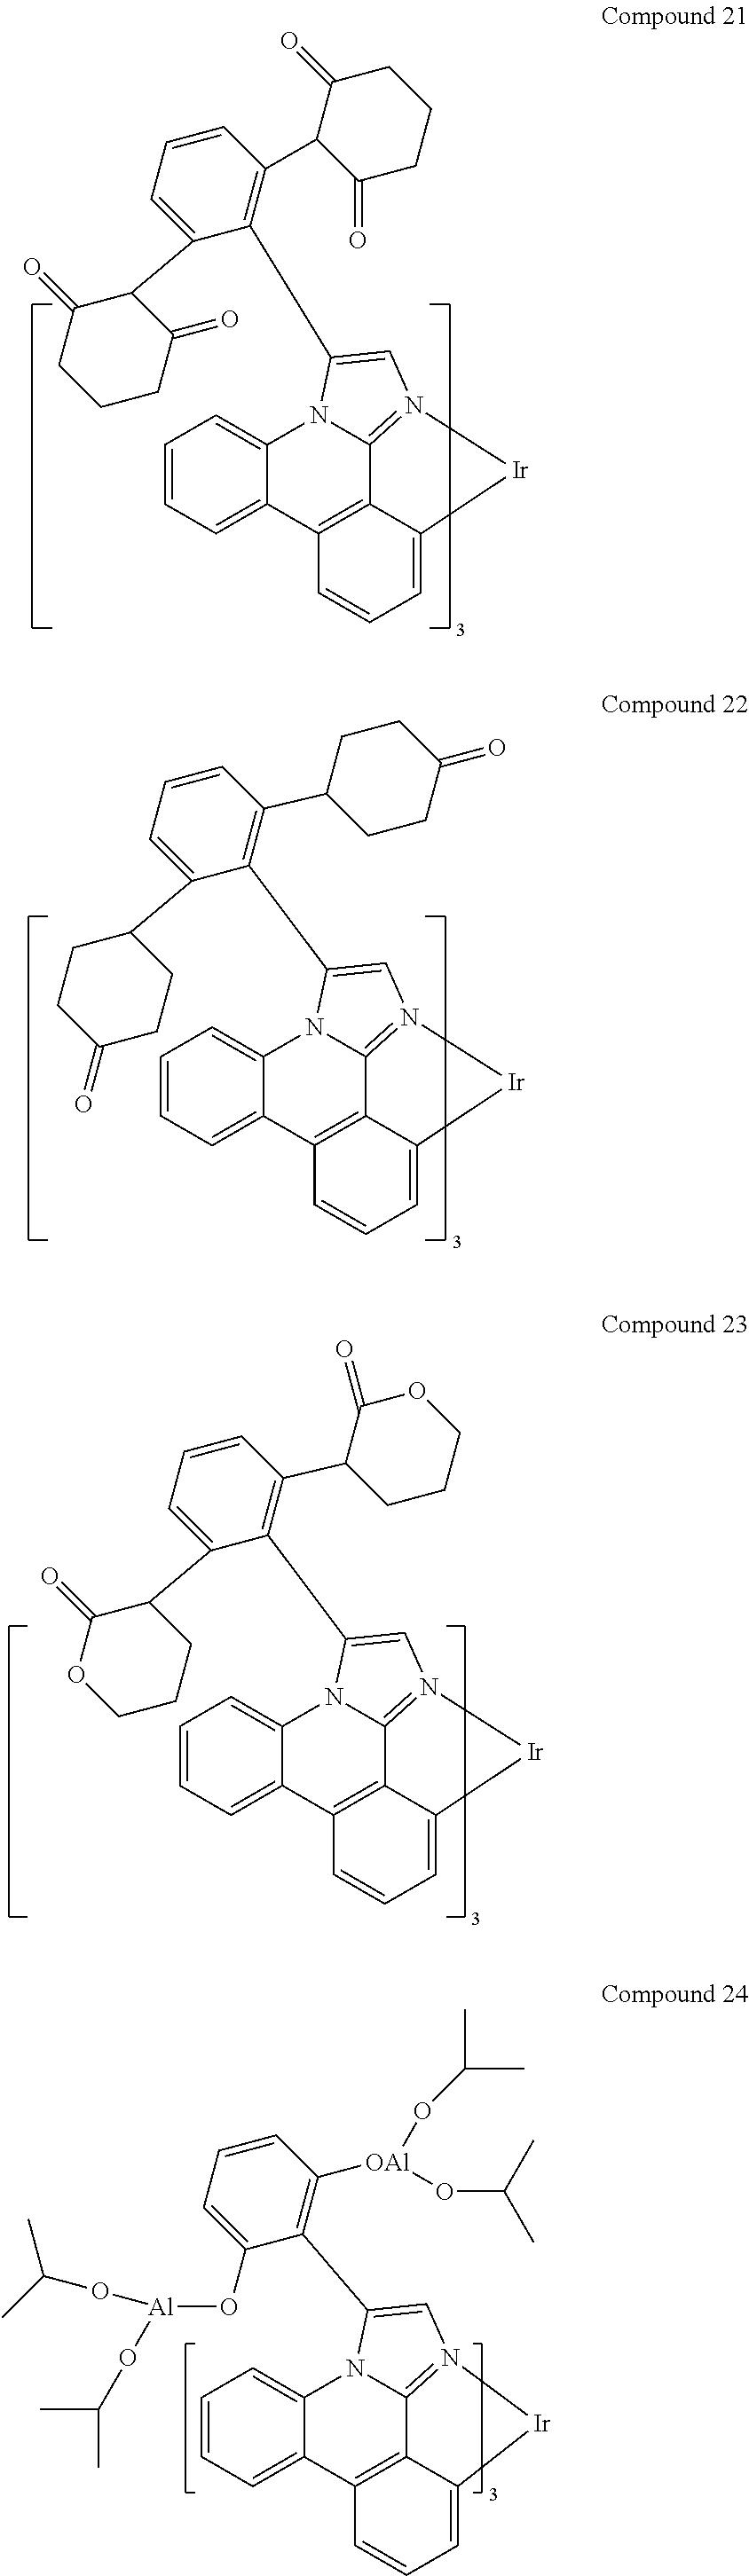 Figure US08815415-20140826-C00178